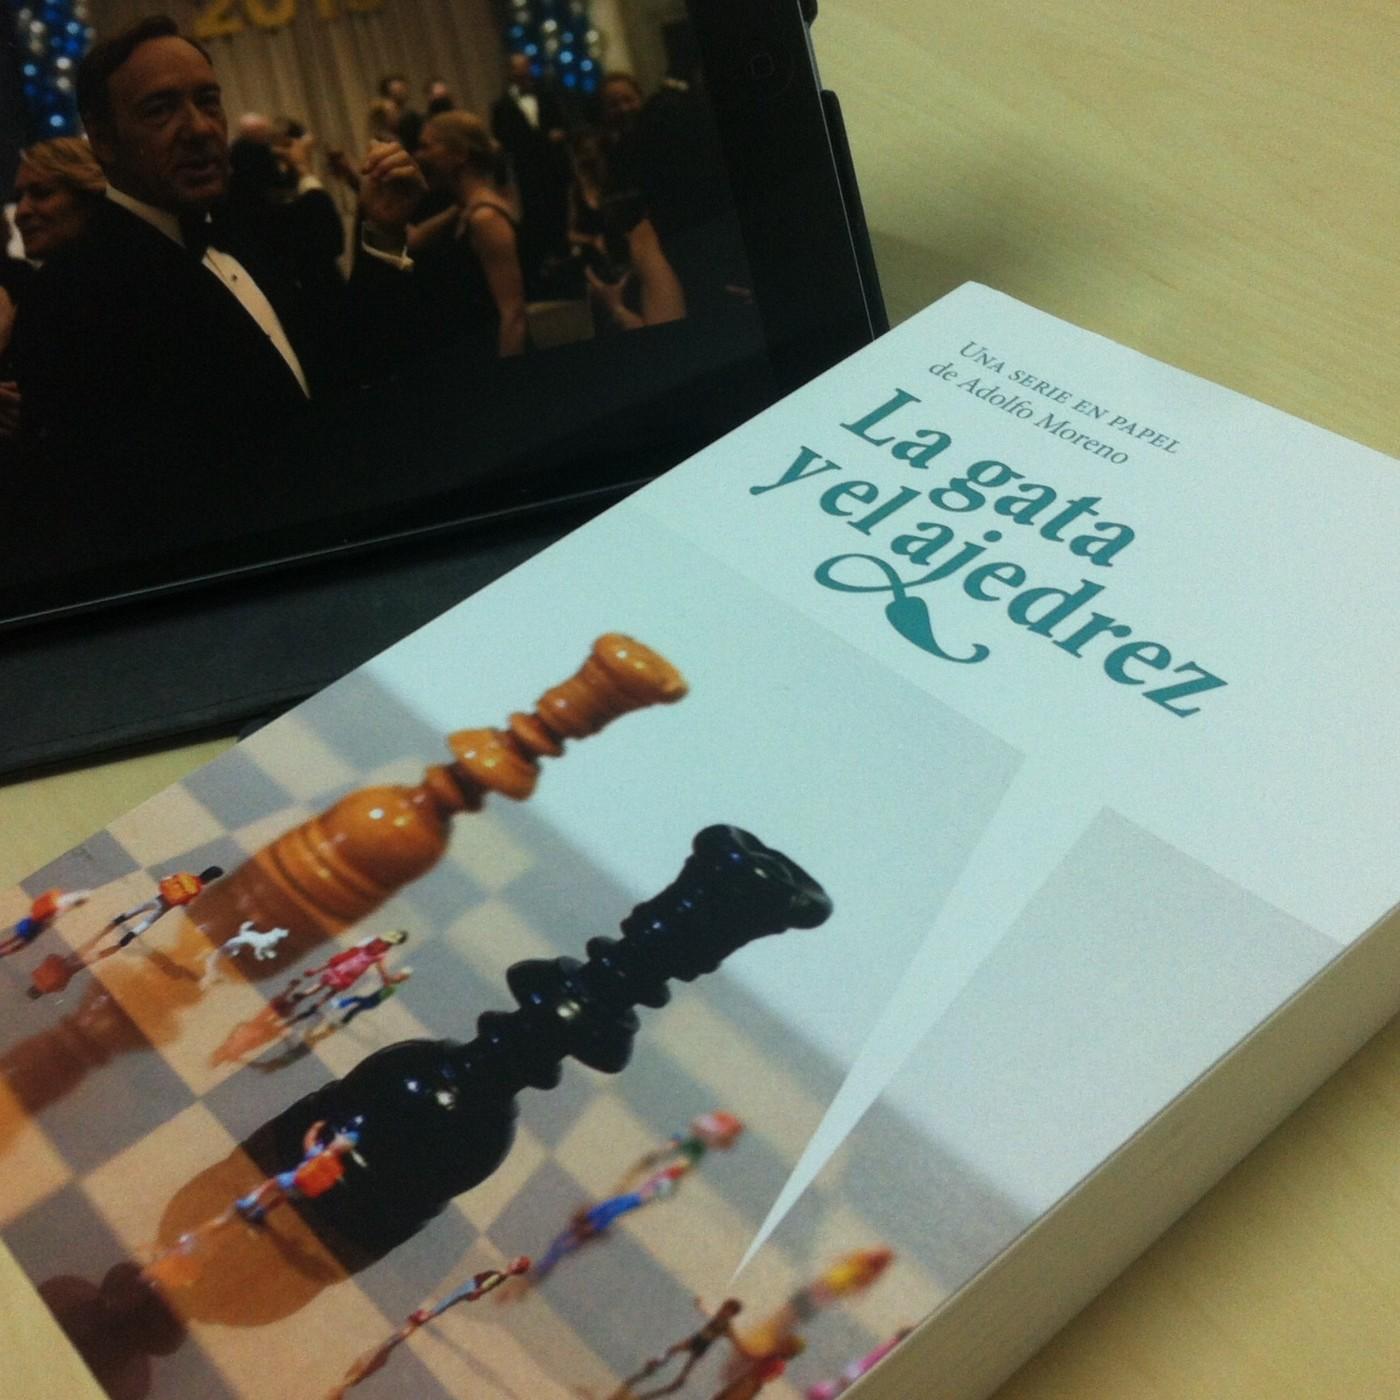 Recomendaciones culturales en #LaCafetera: 'La gata y el